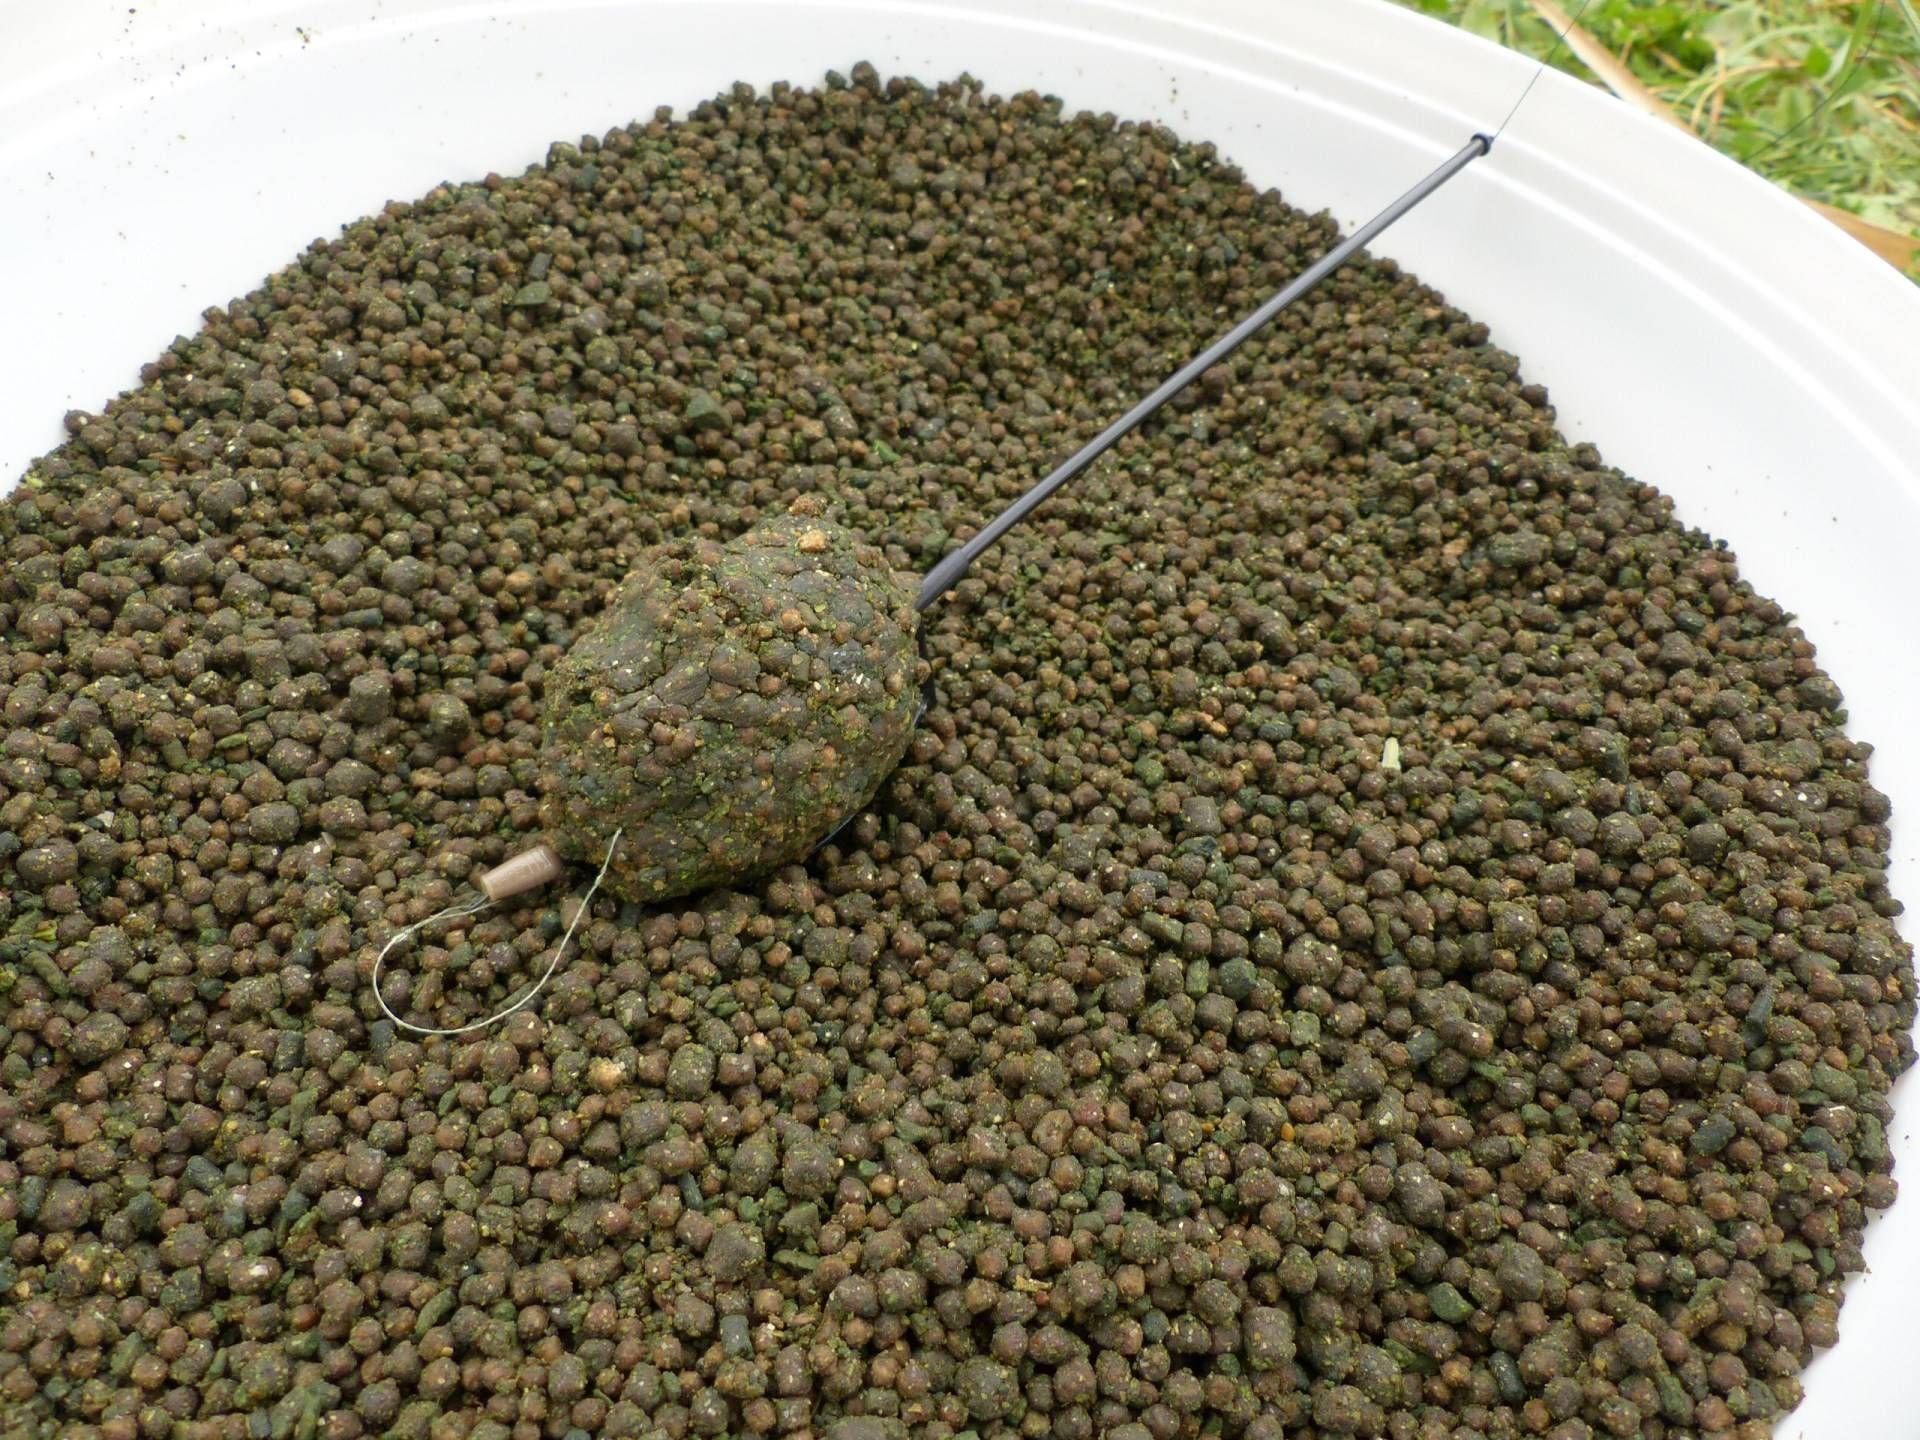 … végezetül egy kellően nagy gombócot formázva készült el a bevetésre váró végszerelék